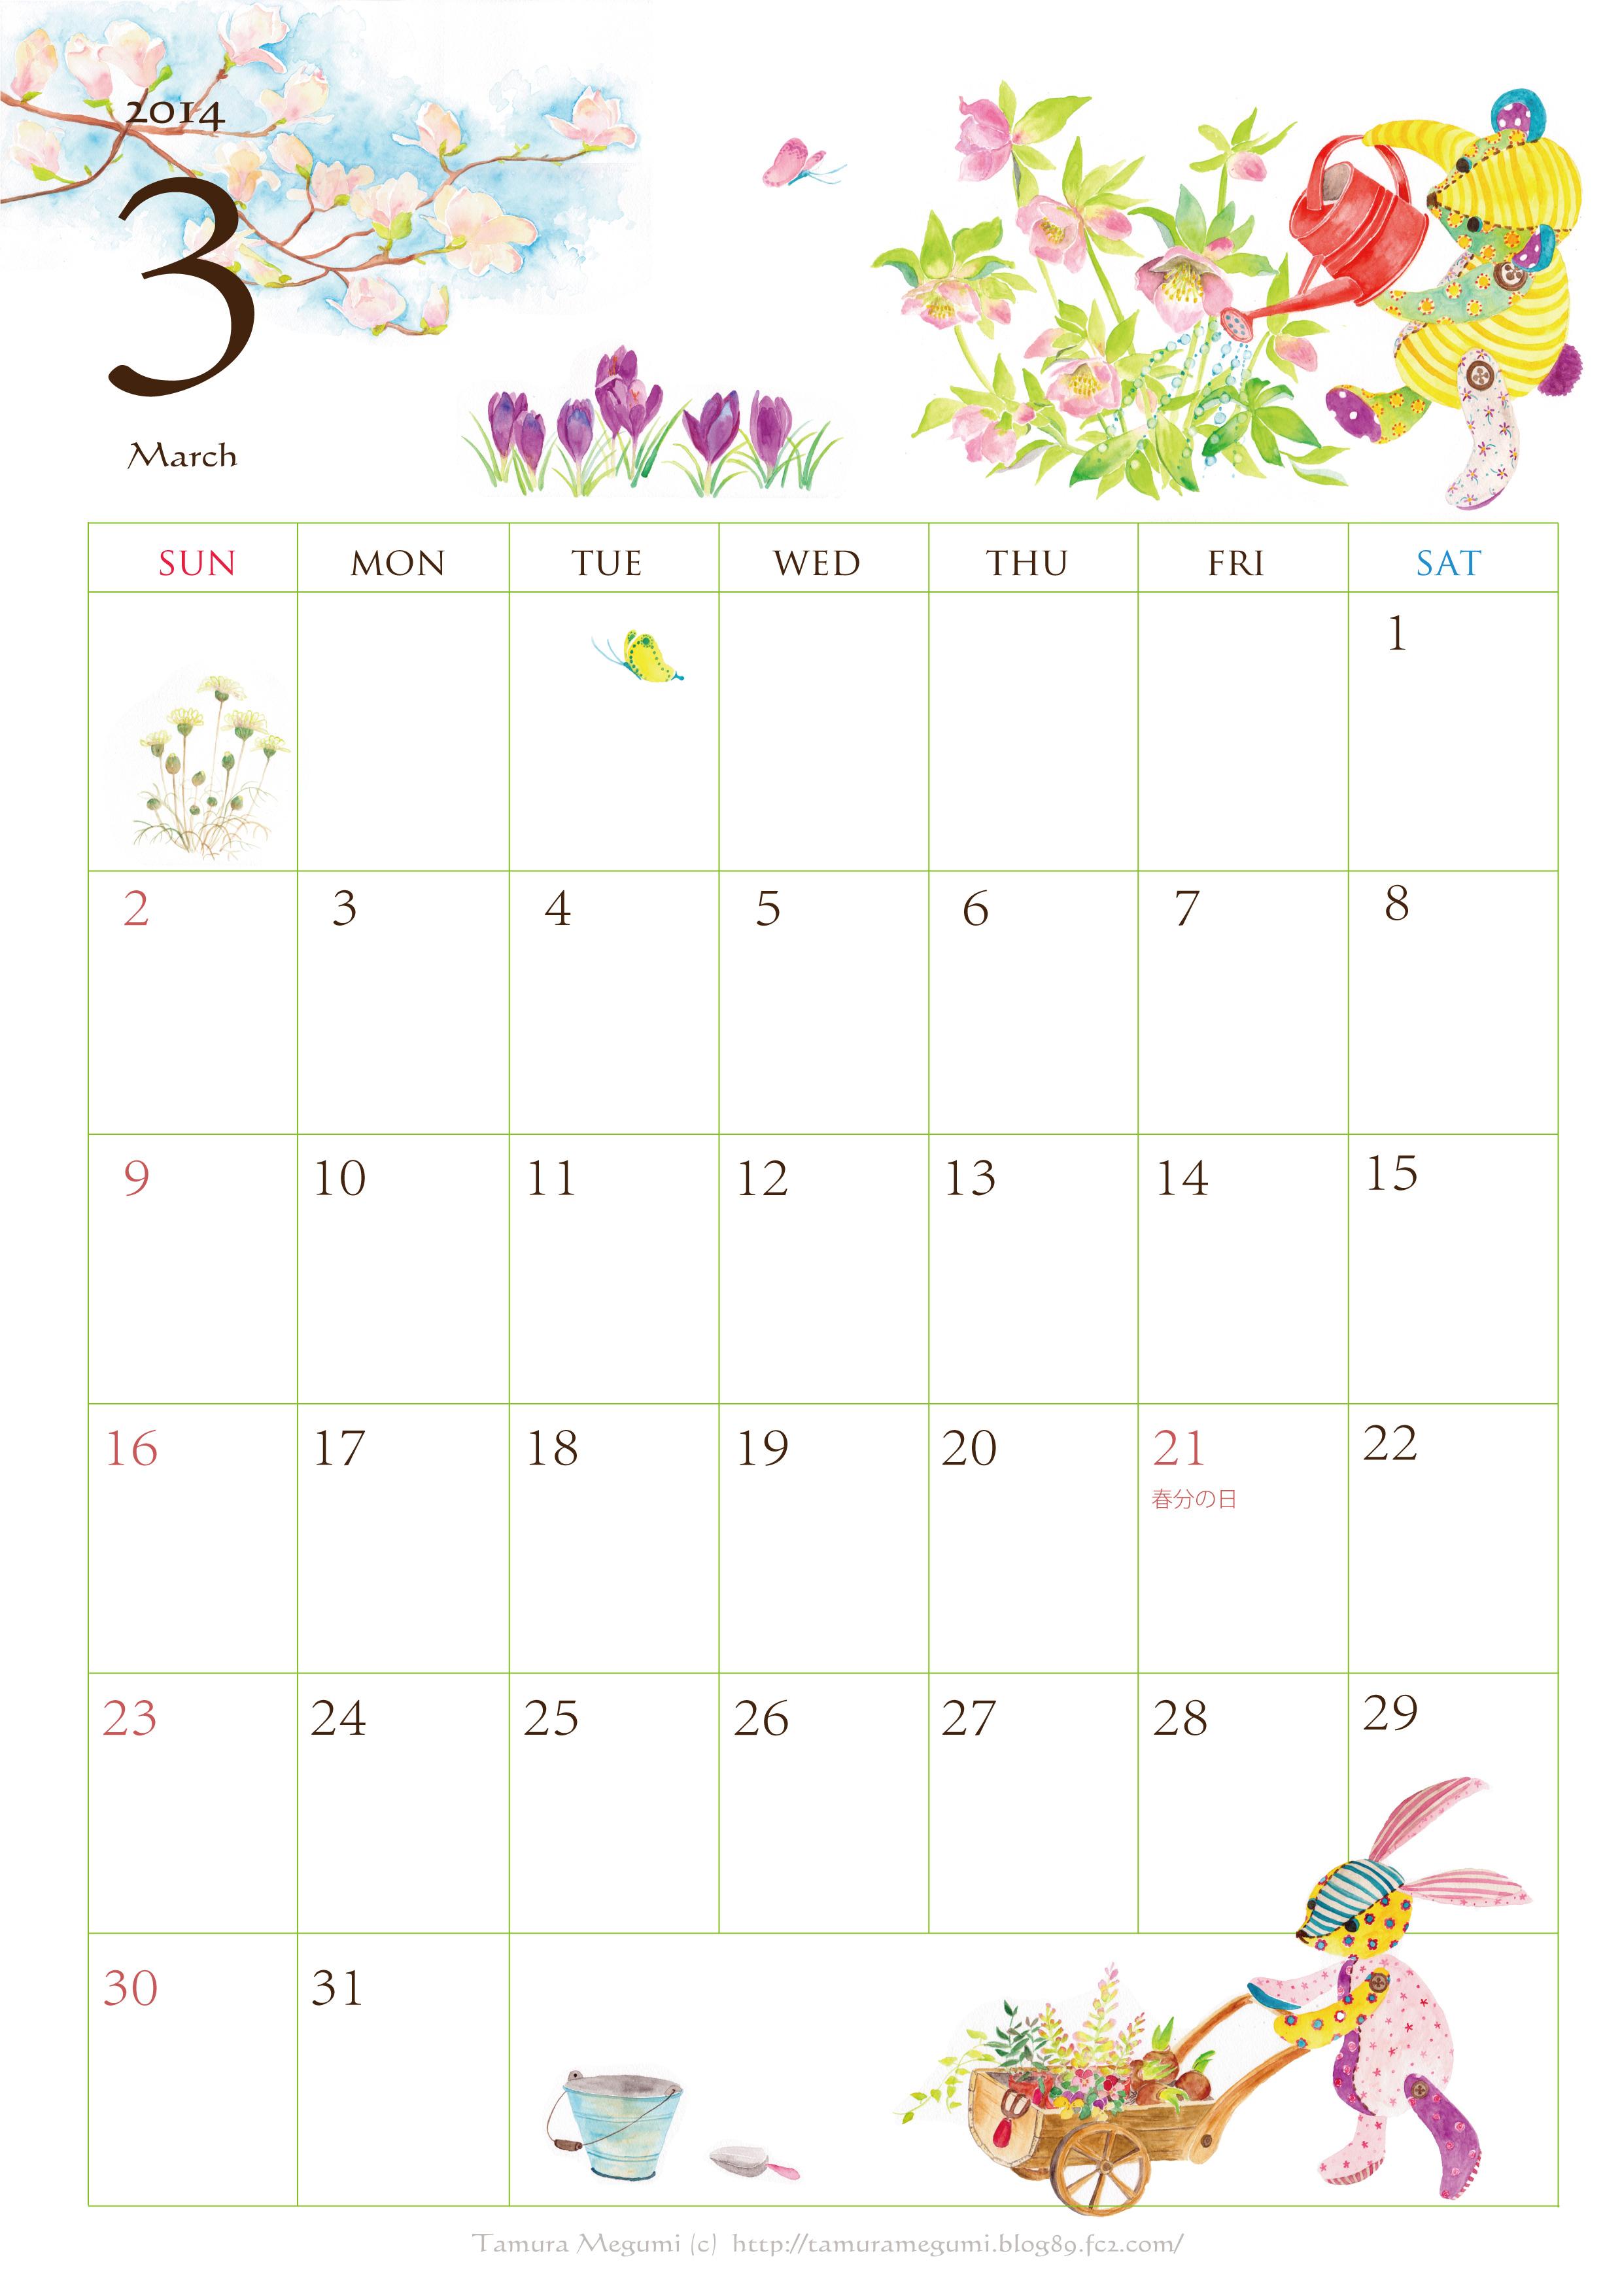 カレンダー a4 カレンダー 2014 : 2014年3月 カレンダー A4サイズ ...